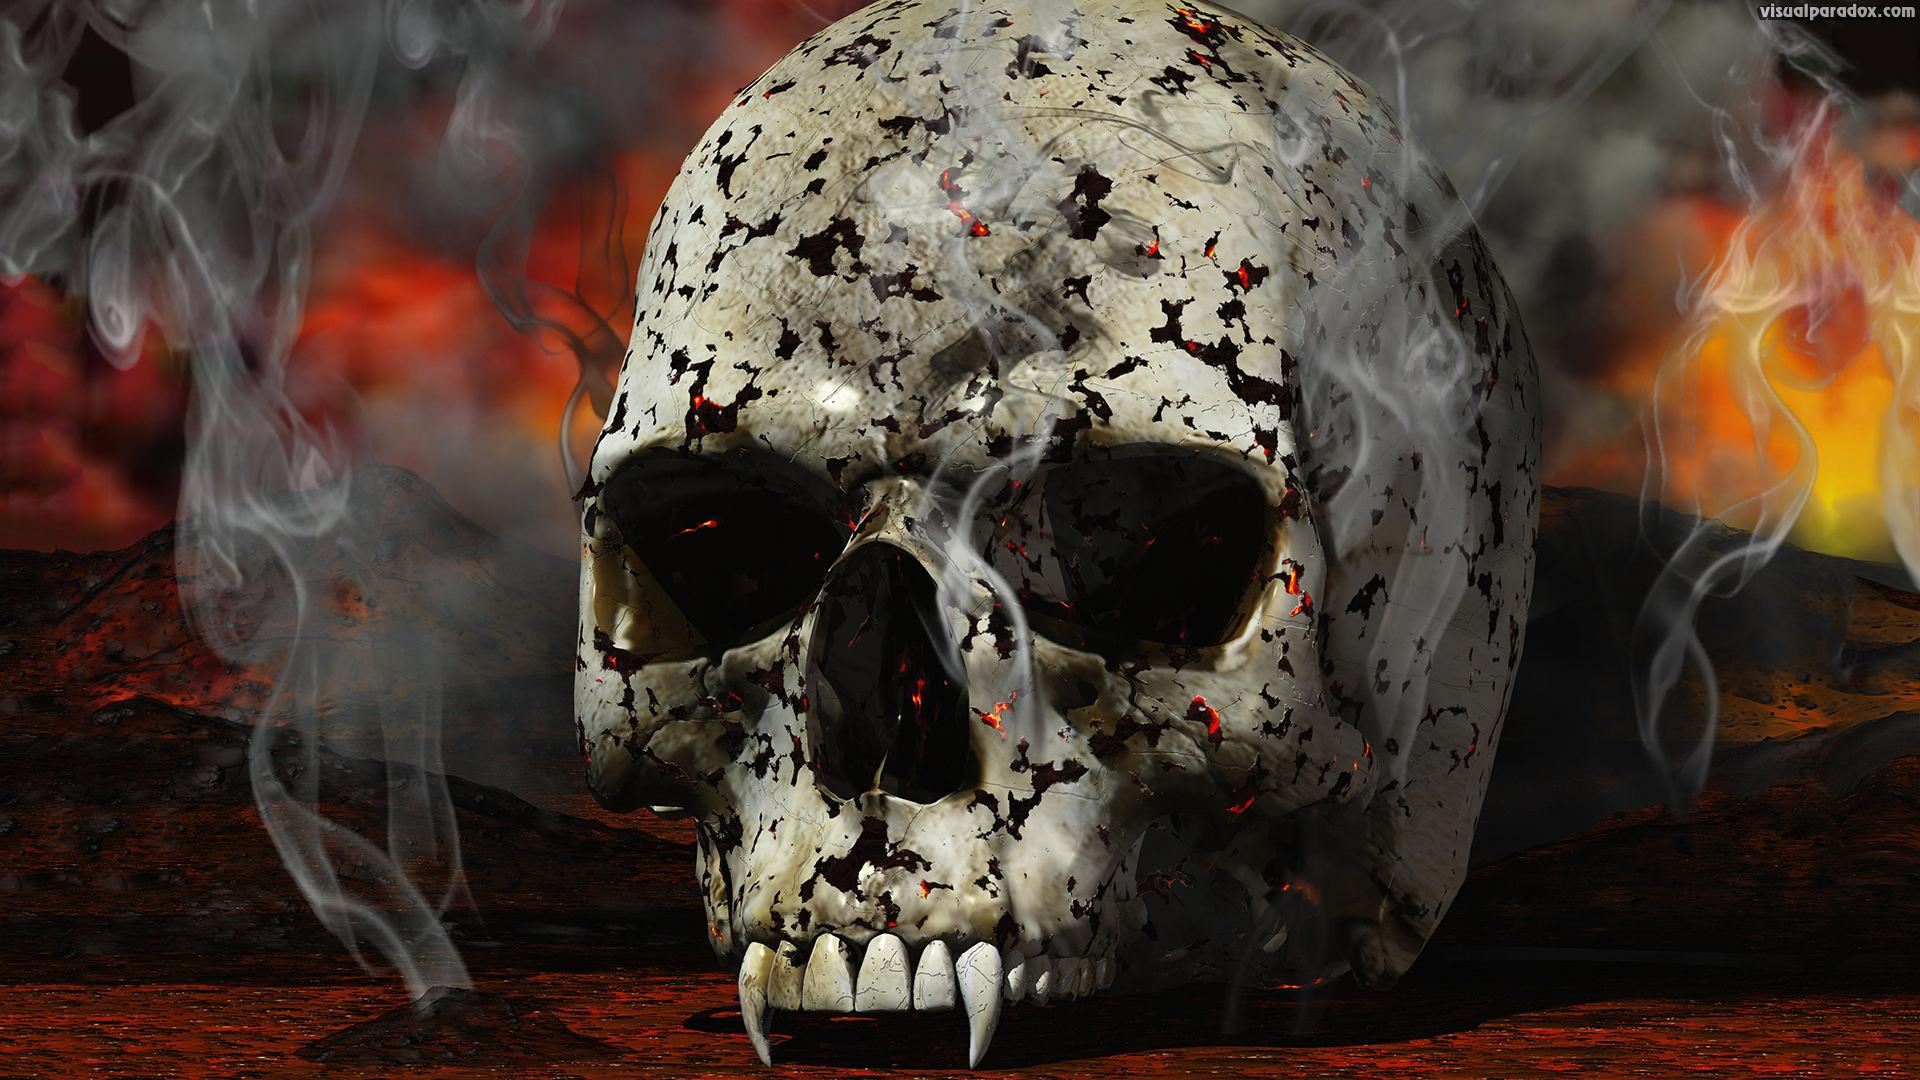 Vampire Wallpaper Desktop Hd Vampire Full HD...